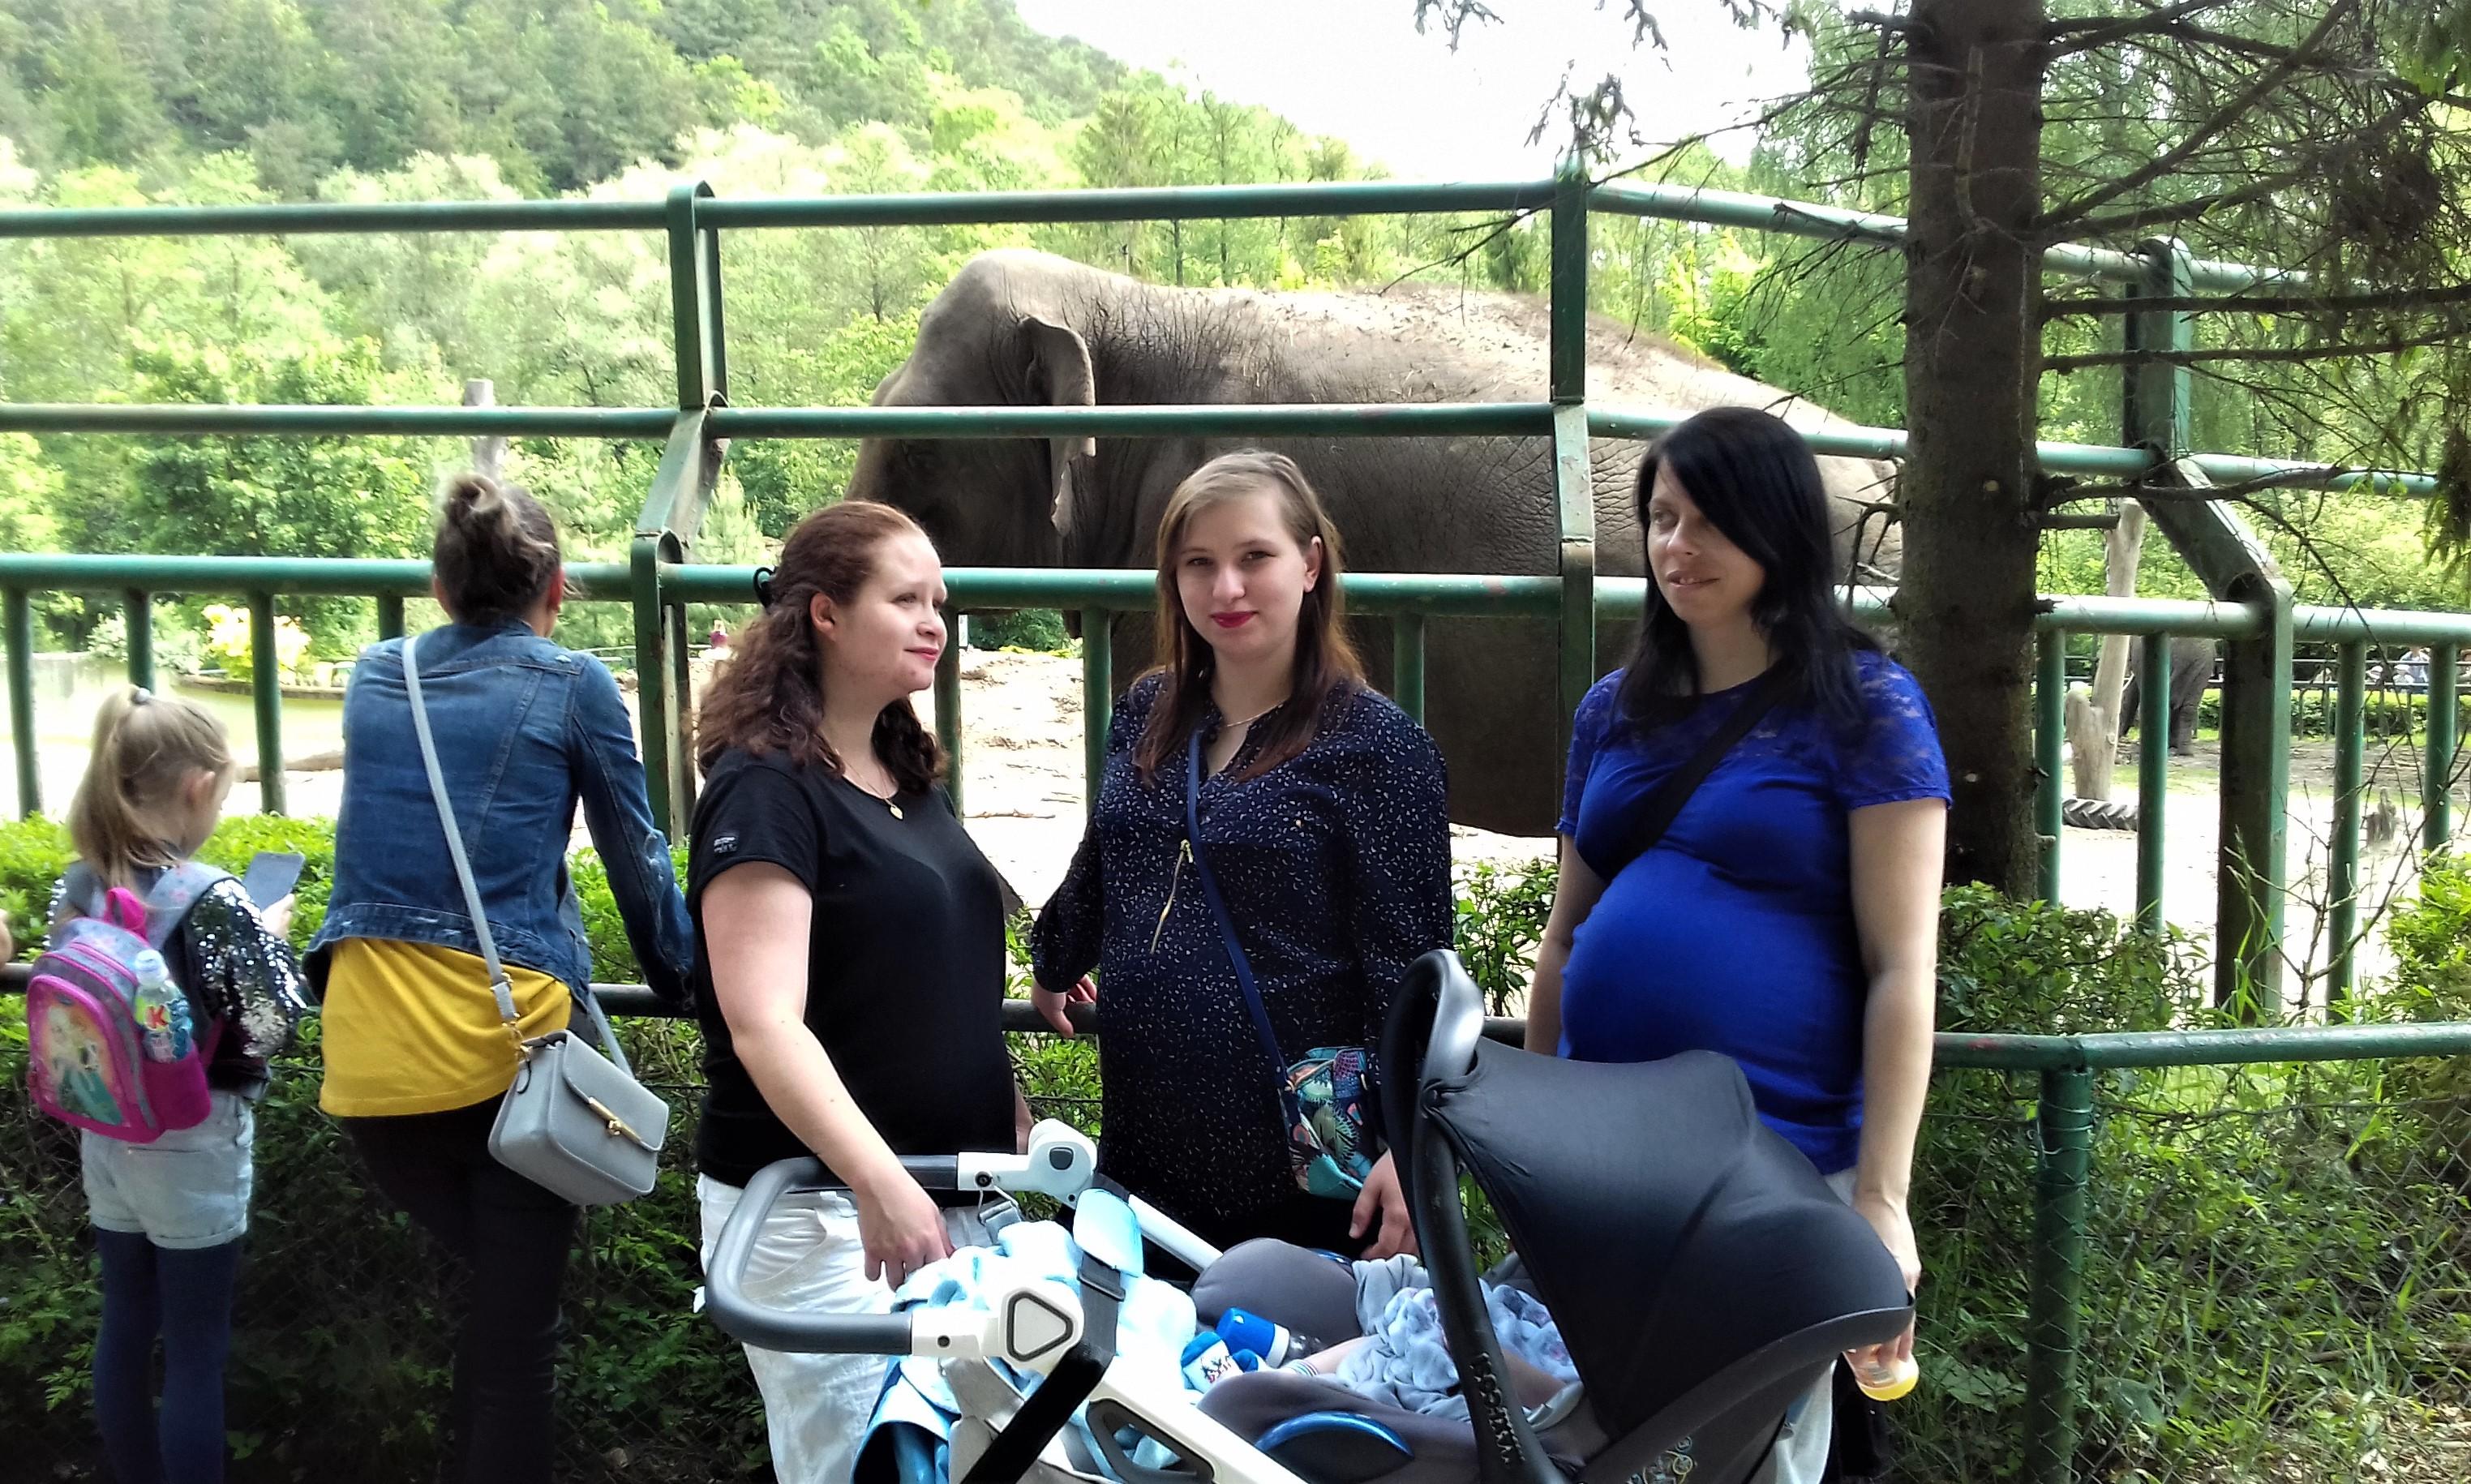 Matki z dziećmi na tle słonia w ZOO